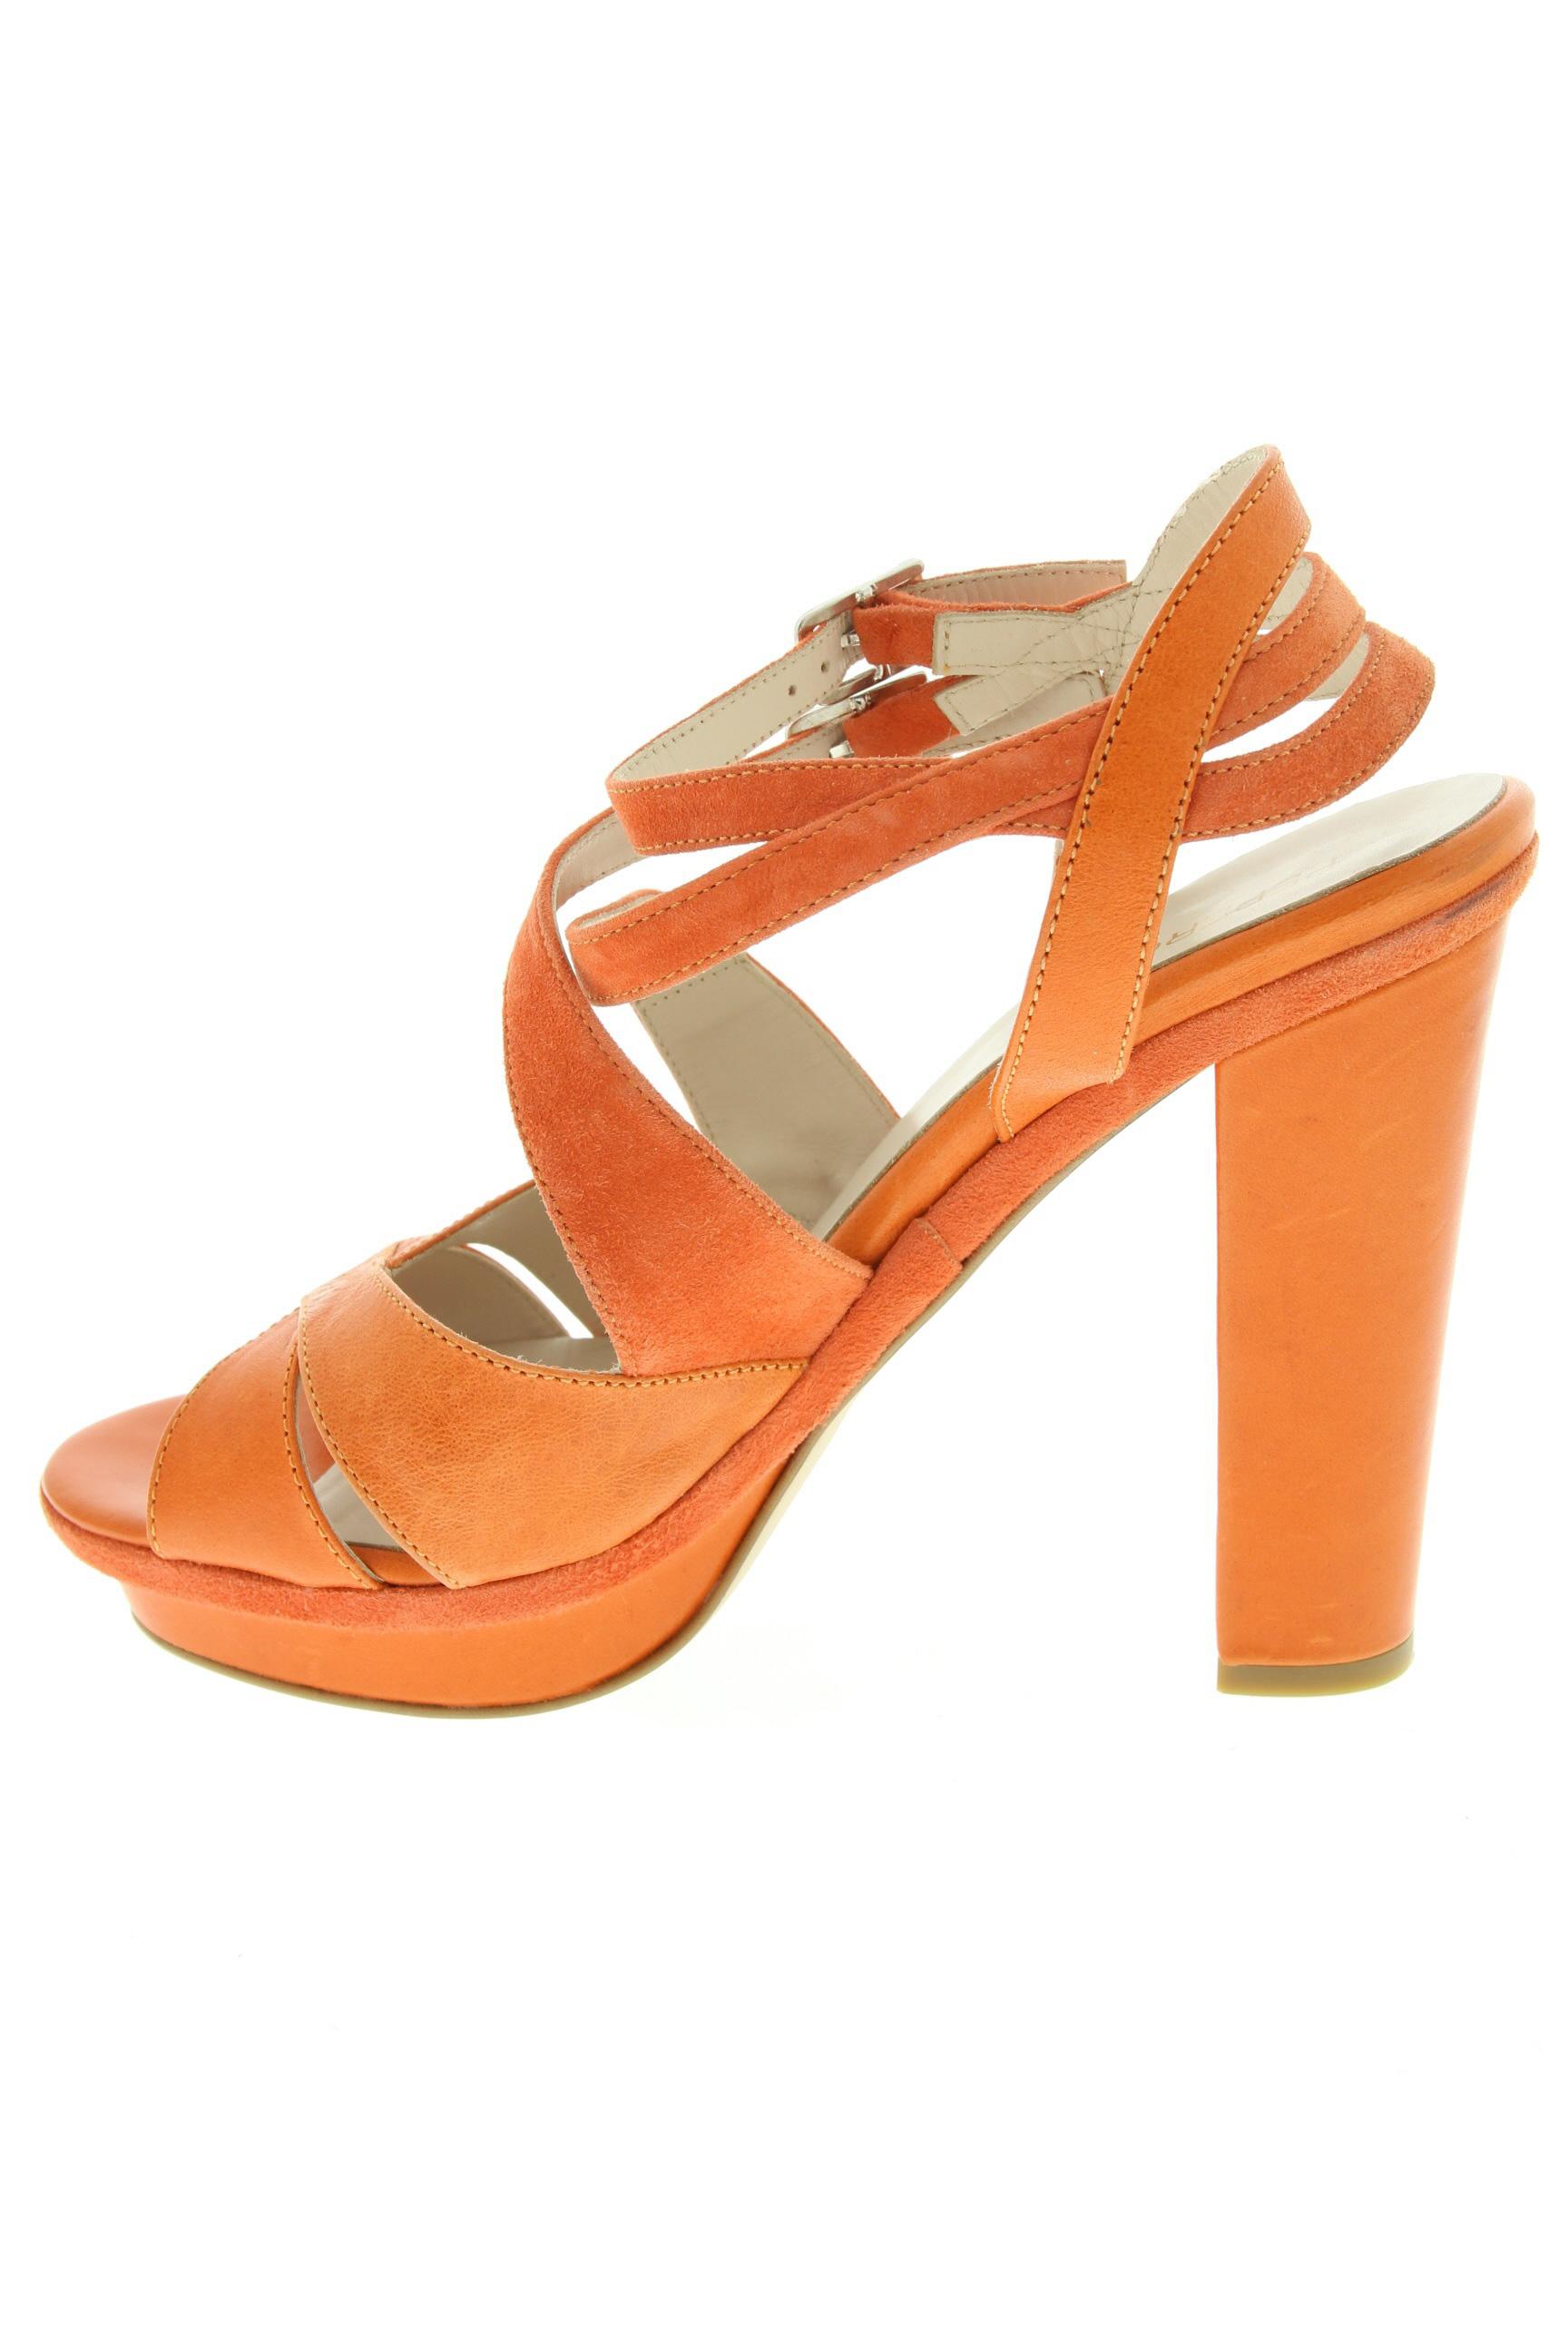 Peperosa Sandales Nu Pieds Femme De Couleur Orange En Soldes Pas Cher 1305984-orange